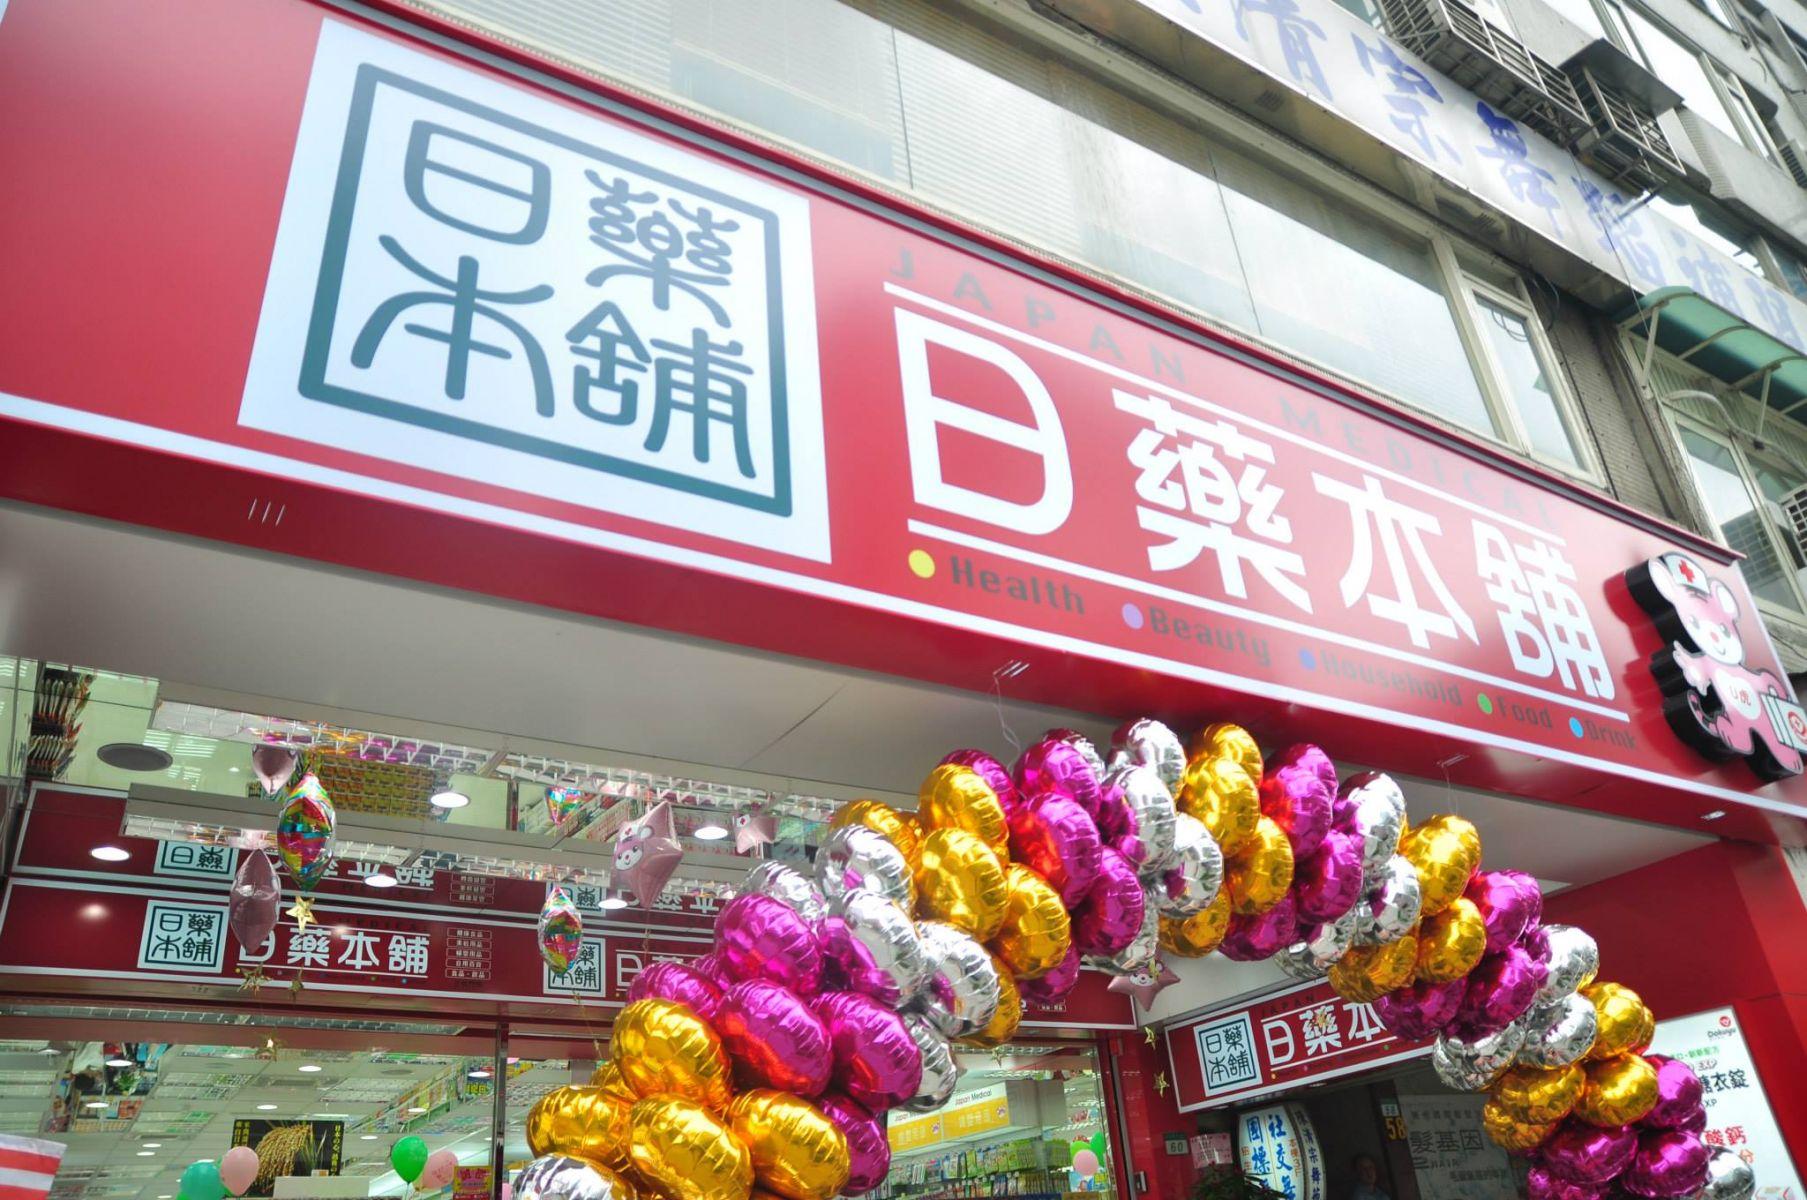 30坪店面月租近20萬 「日藥本舖」民生店開幕不到10月就關